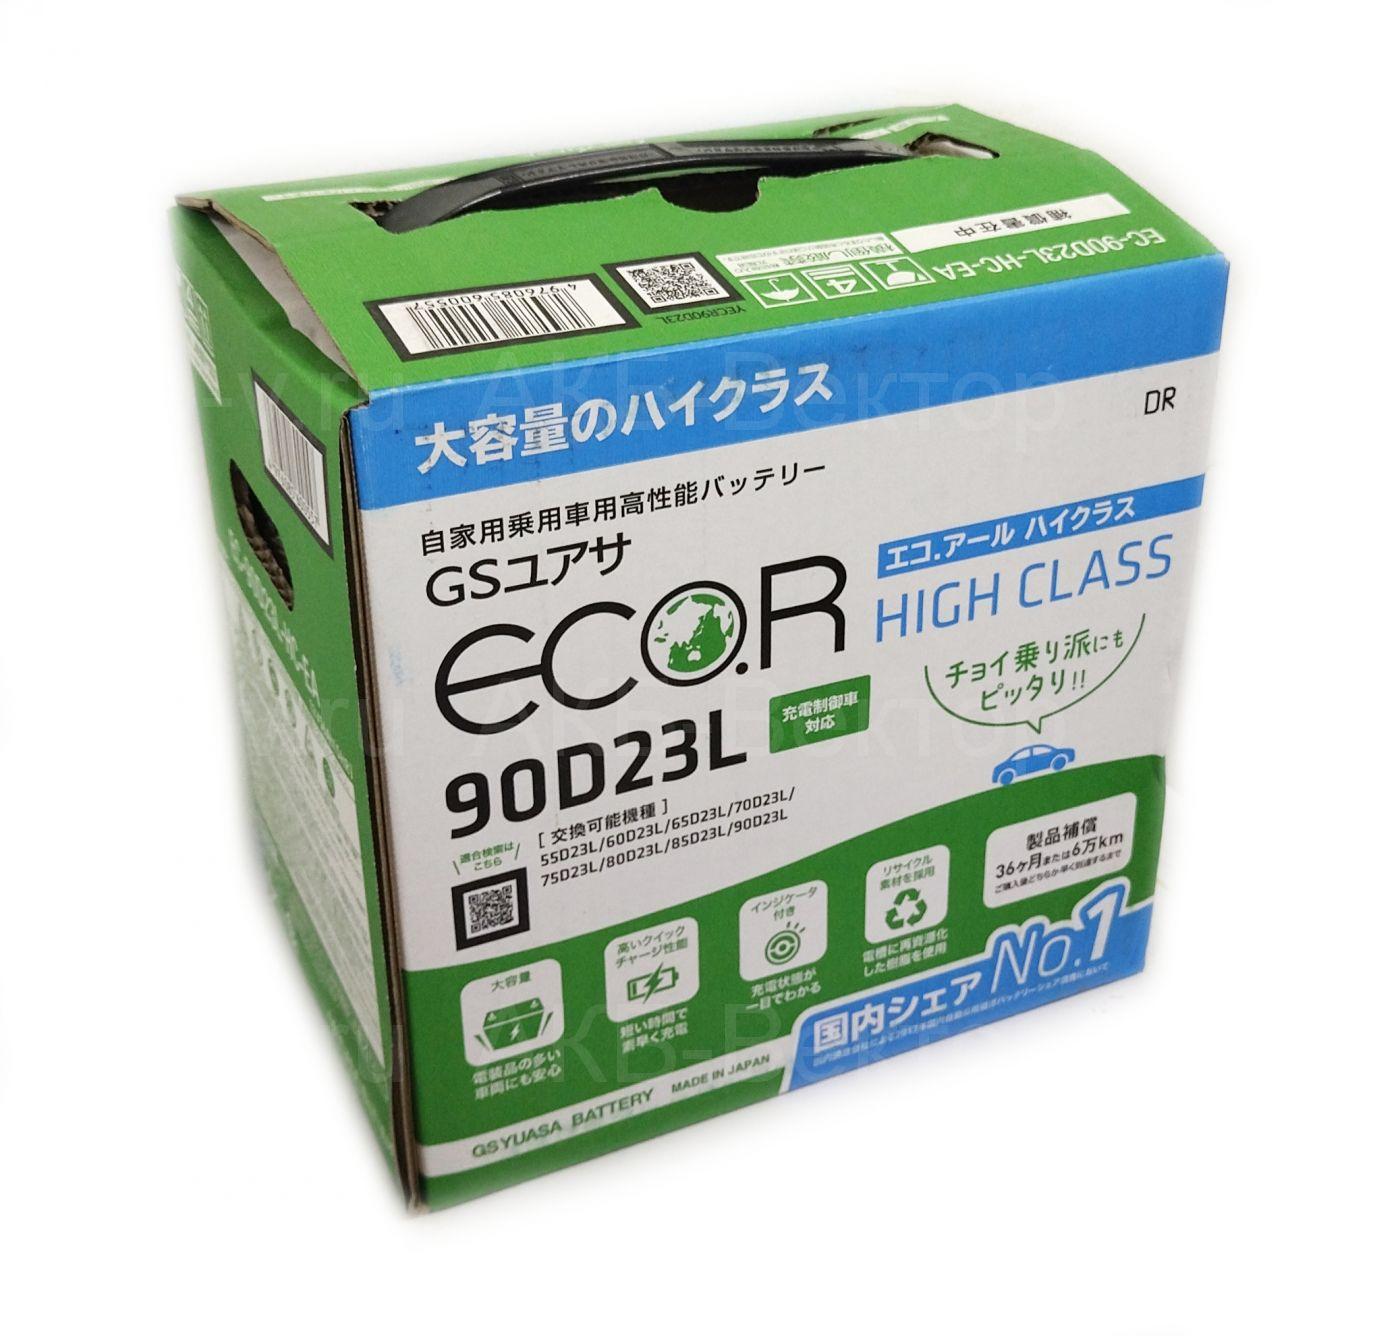 GS YUASA ECO.R EC 90D23 70Ач 600А(CCA) 2021г